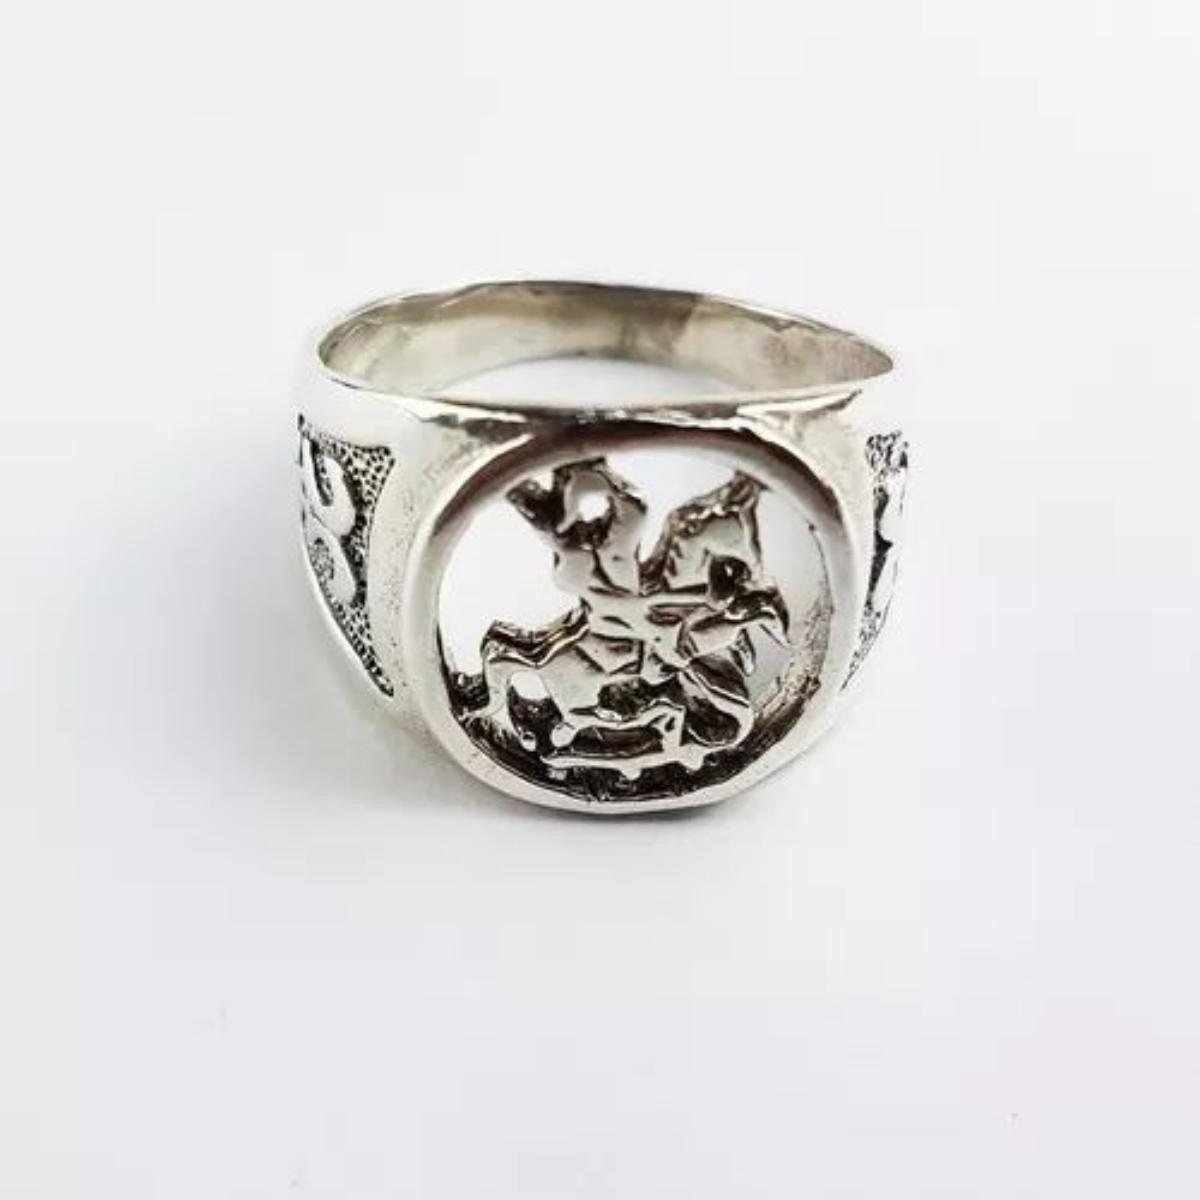 18e138e86c sao jorge vazado anel em prata 925. Carregando zoom.